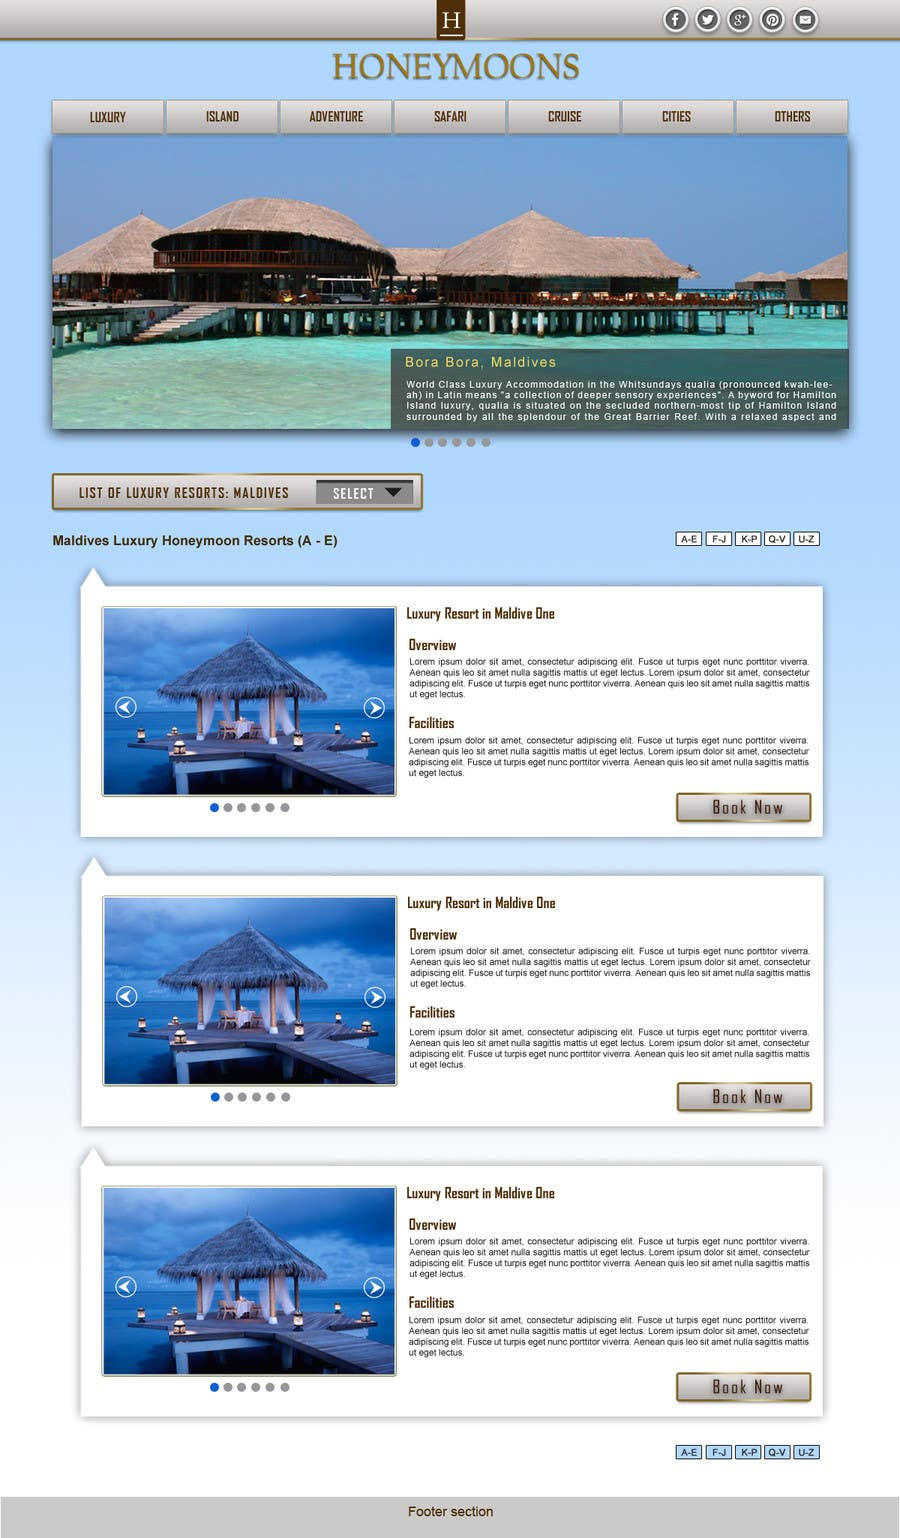 Penyertaan Peraduan #                                        38                                      untuk                                         Website Design for Honeymoons website